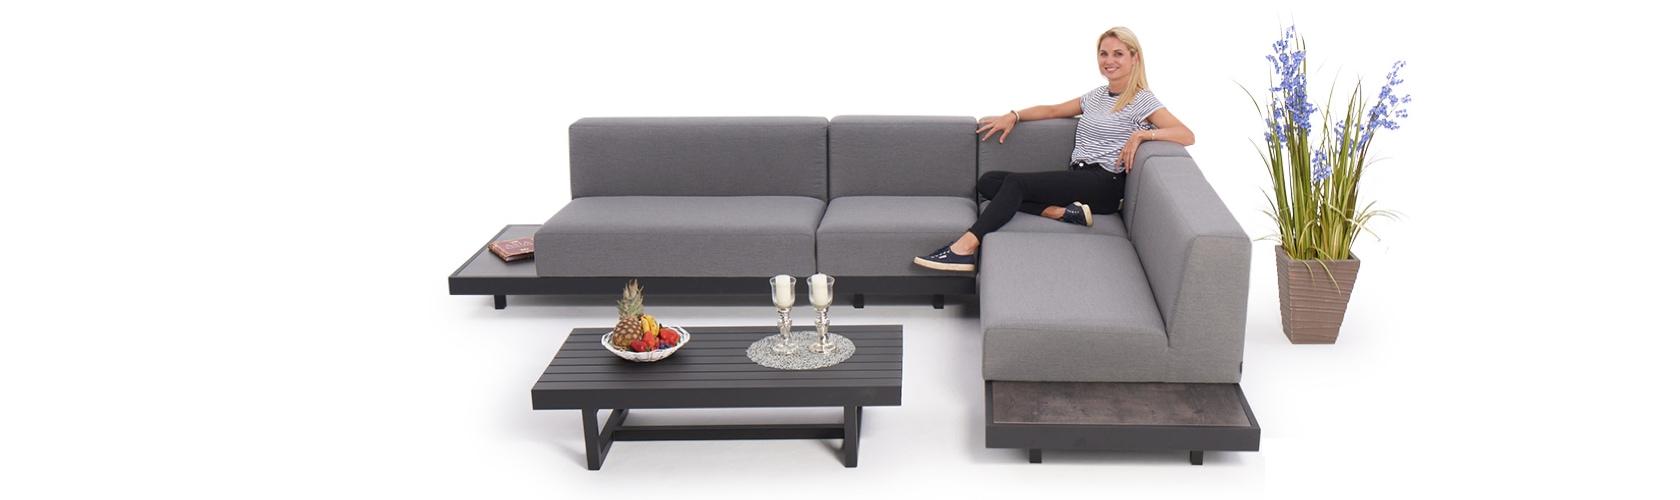 Full Size of Outdoor Sofa Wetterfest Ikea Couch Lounge Mit Schlaffunktion Federkern Erpo Big Kolonialstil Leder Braun Halbrundes Alcantara Stoff Grau Sitzhöhe 55 Cm Le Wohnzimmer Outdoor Sofa Wetterfest